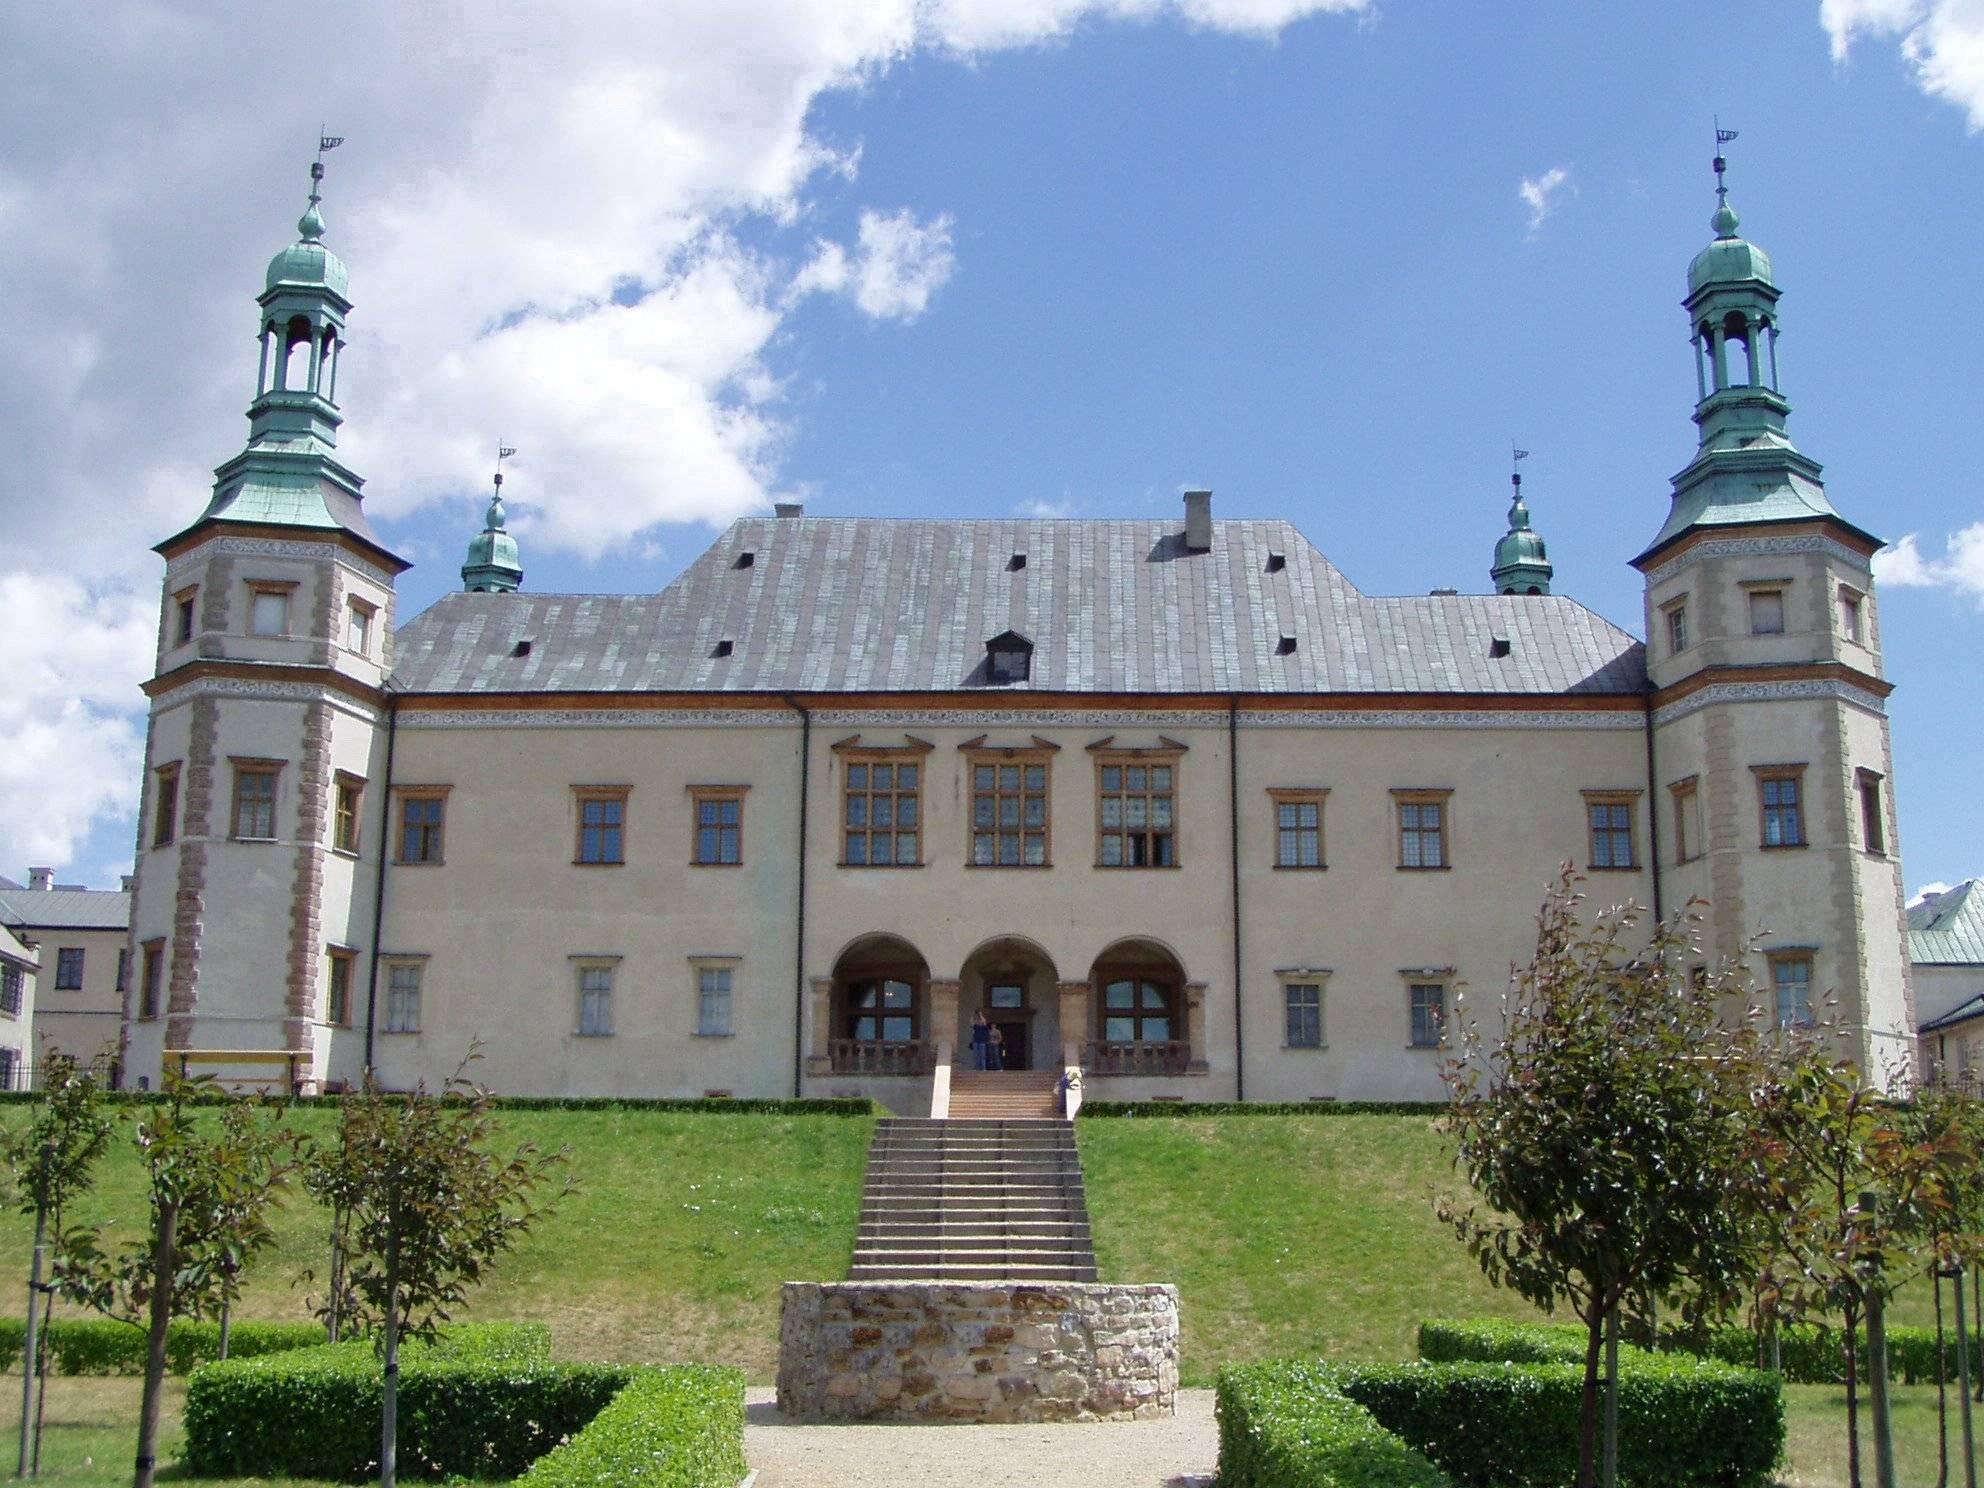 Замок гогенцоллерн, германия: история, архитектура, фото и как добраться